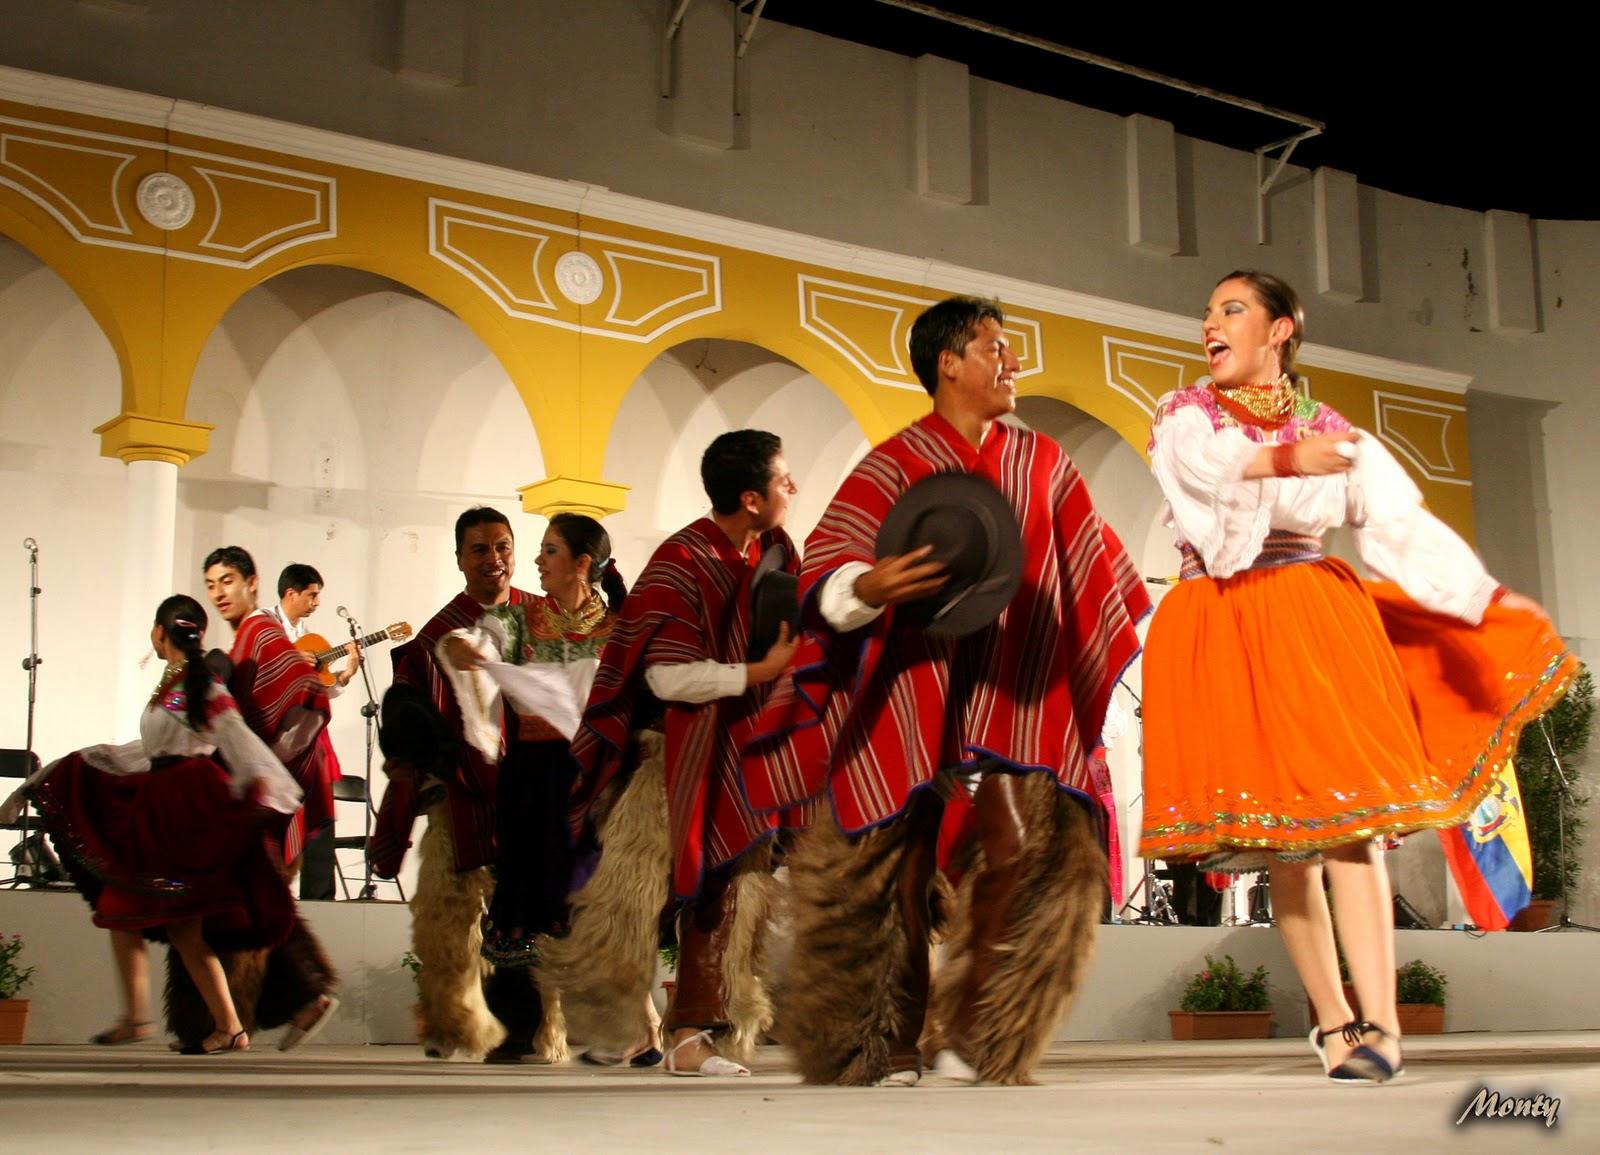 Resumen De La Cultura De Ecuador Culturas Religiones Y